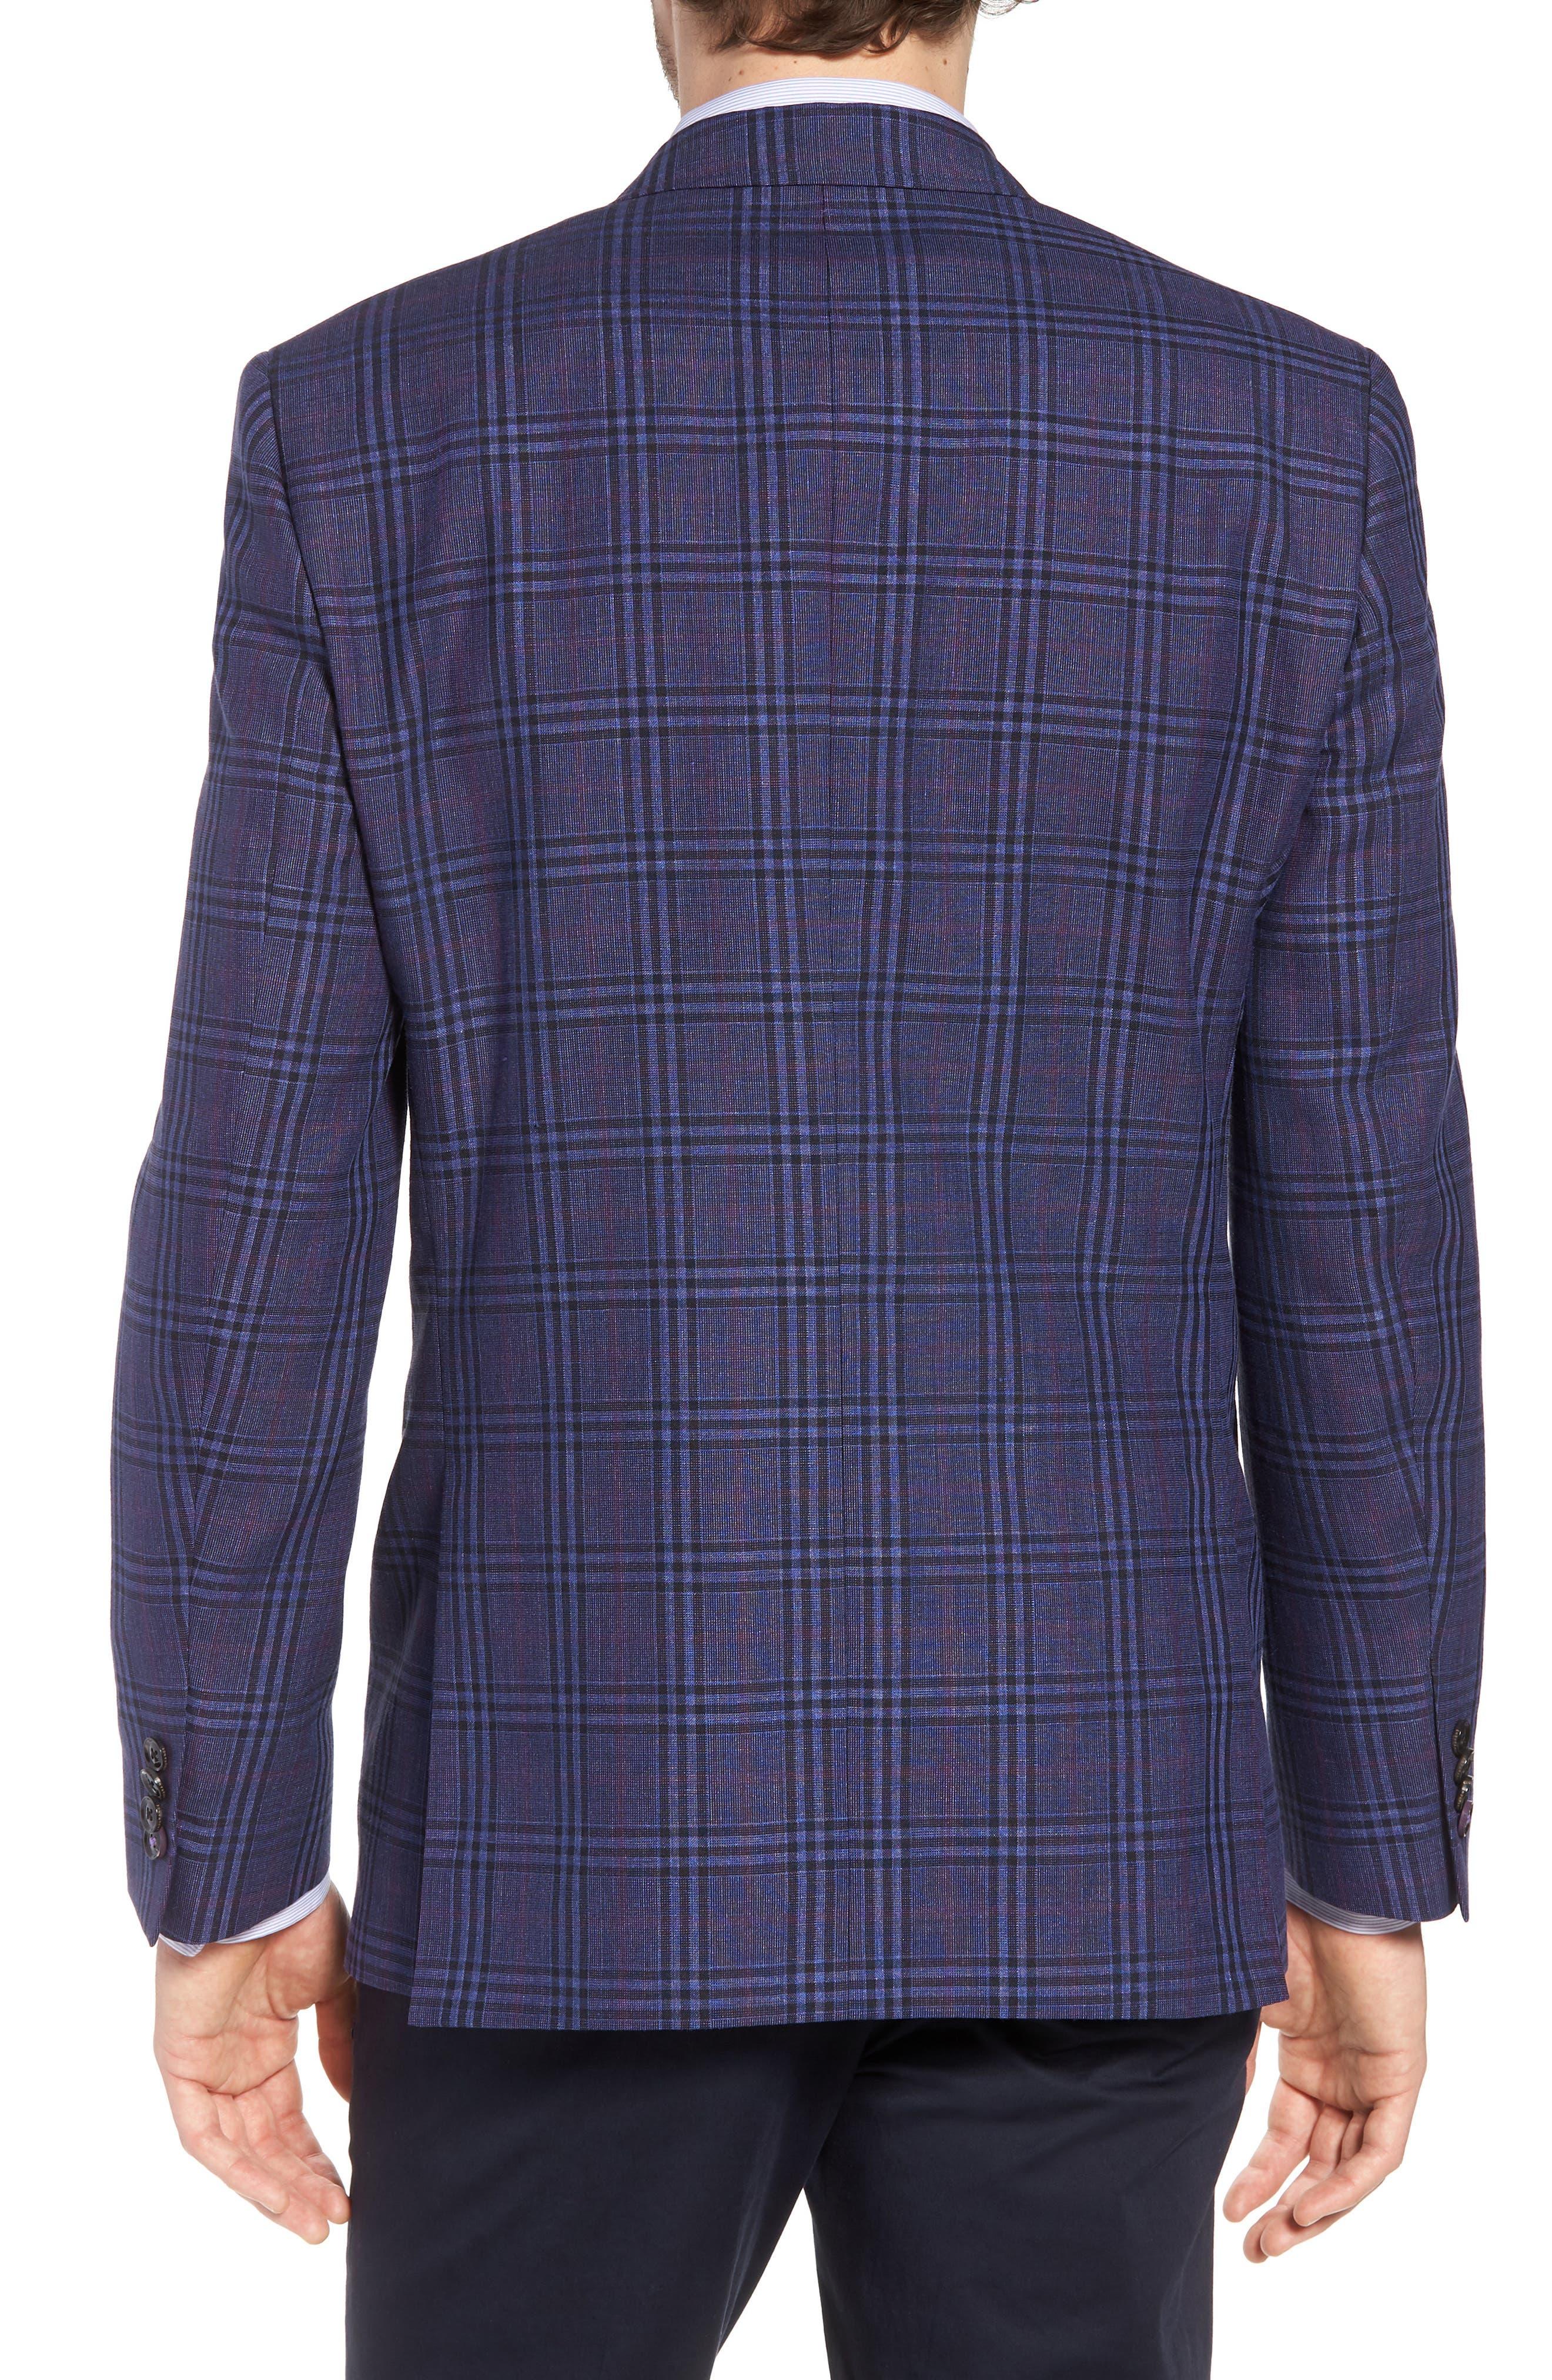 Jay Trim Fit Plaid Wool & Linen Sport Coat,                             Alternate thumbnail 2, color,                             400